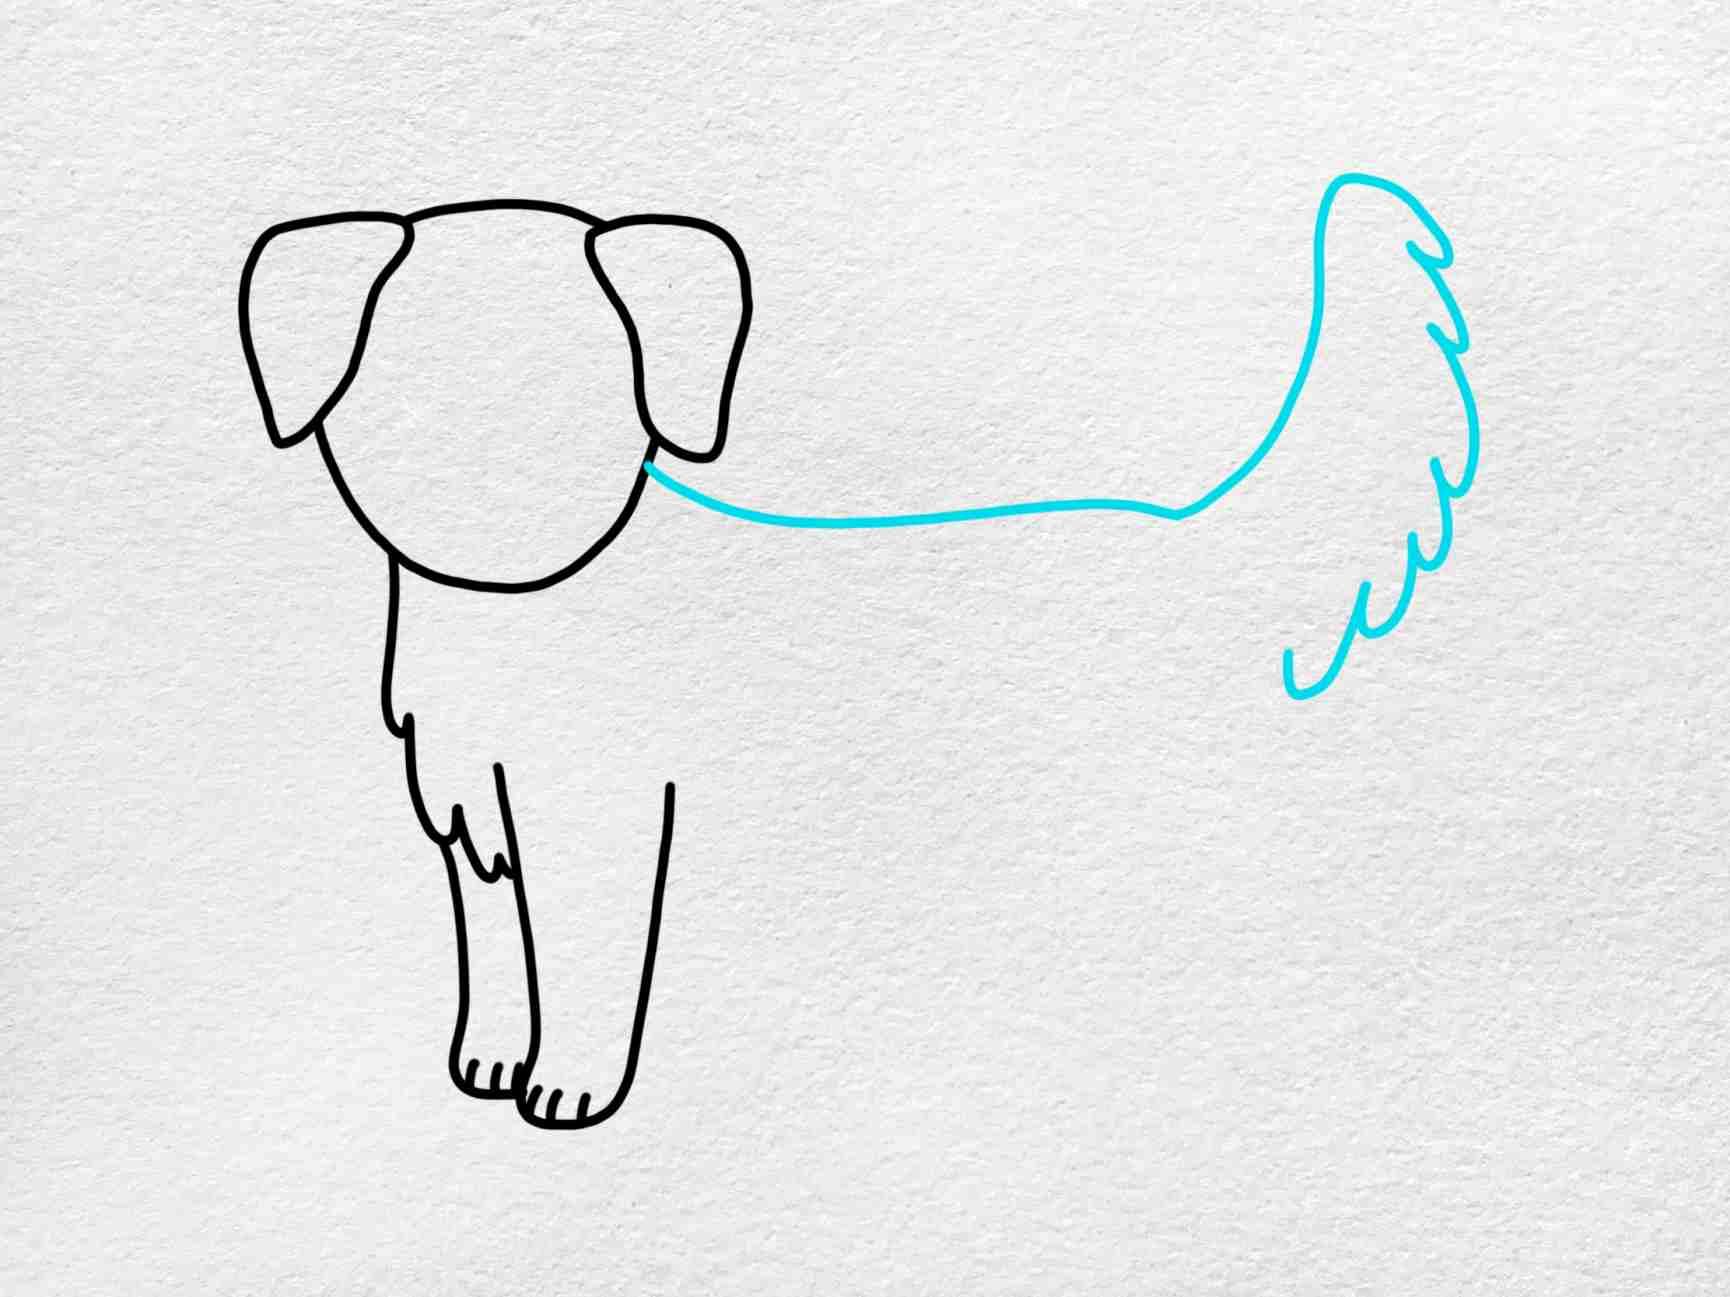 How To Draw A Golden Retriever: Step 4